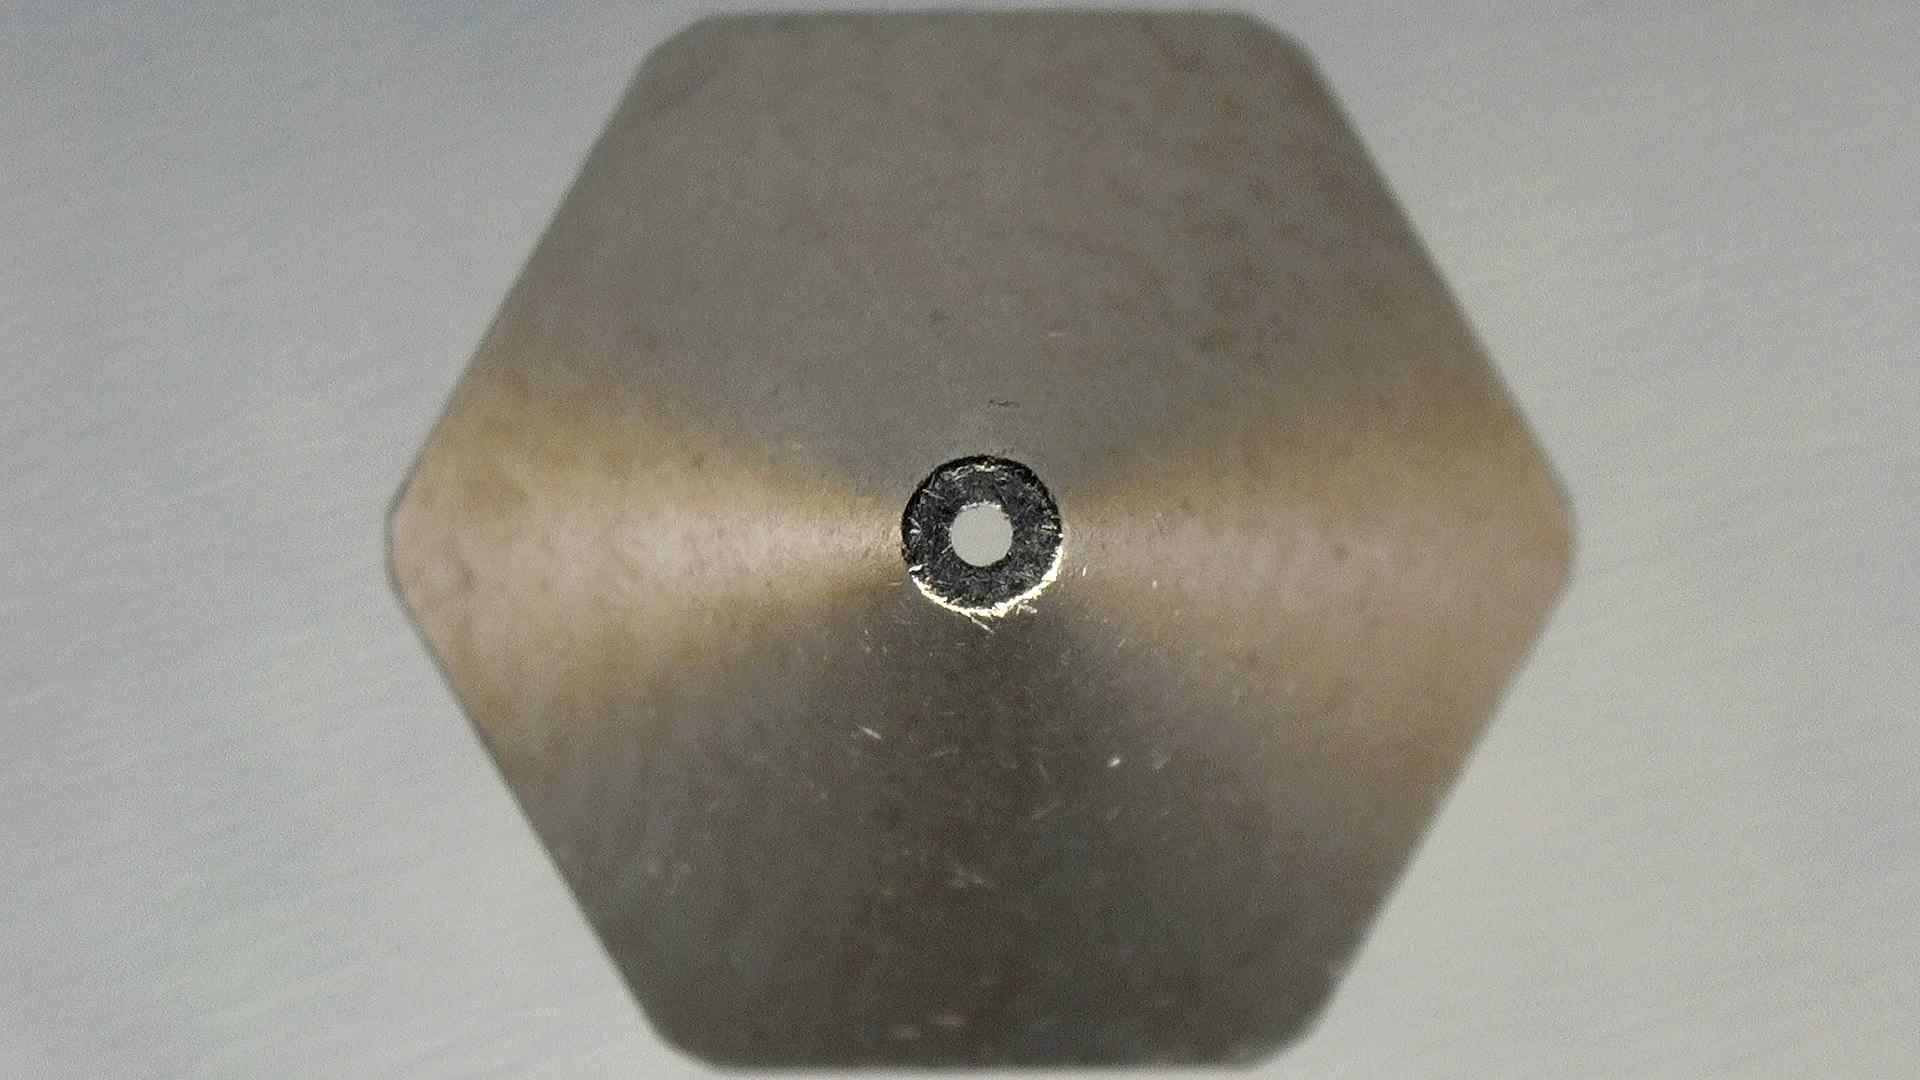 Trianglelab-T-V6-Plated-Copper-Nozzle-2-3D Printer Nozzle Comparison